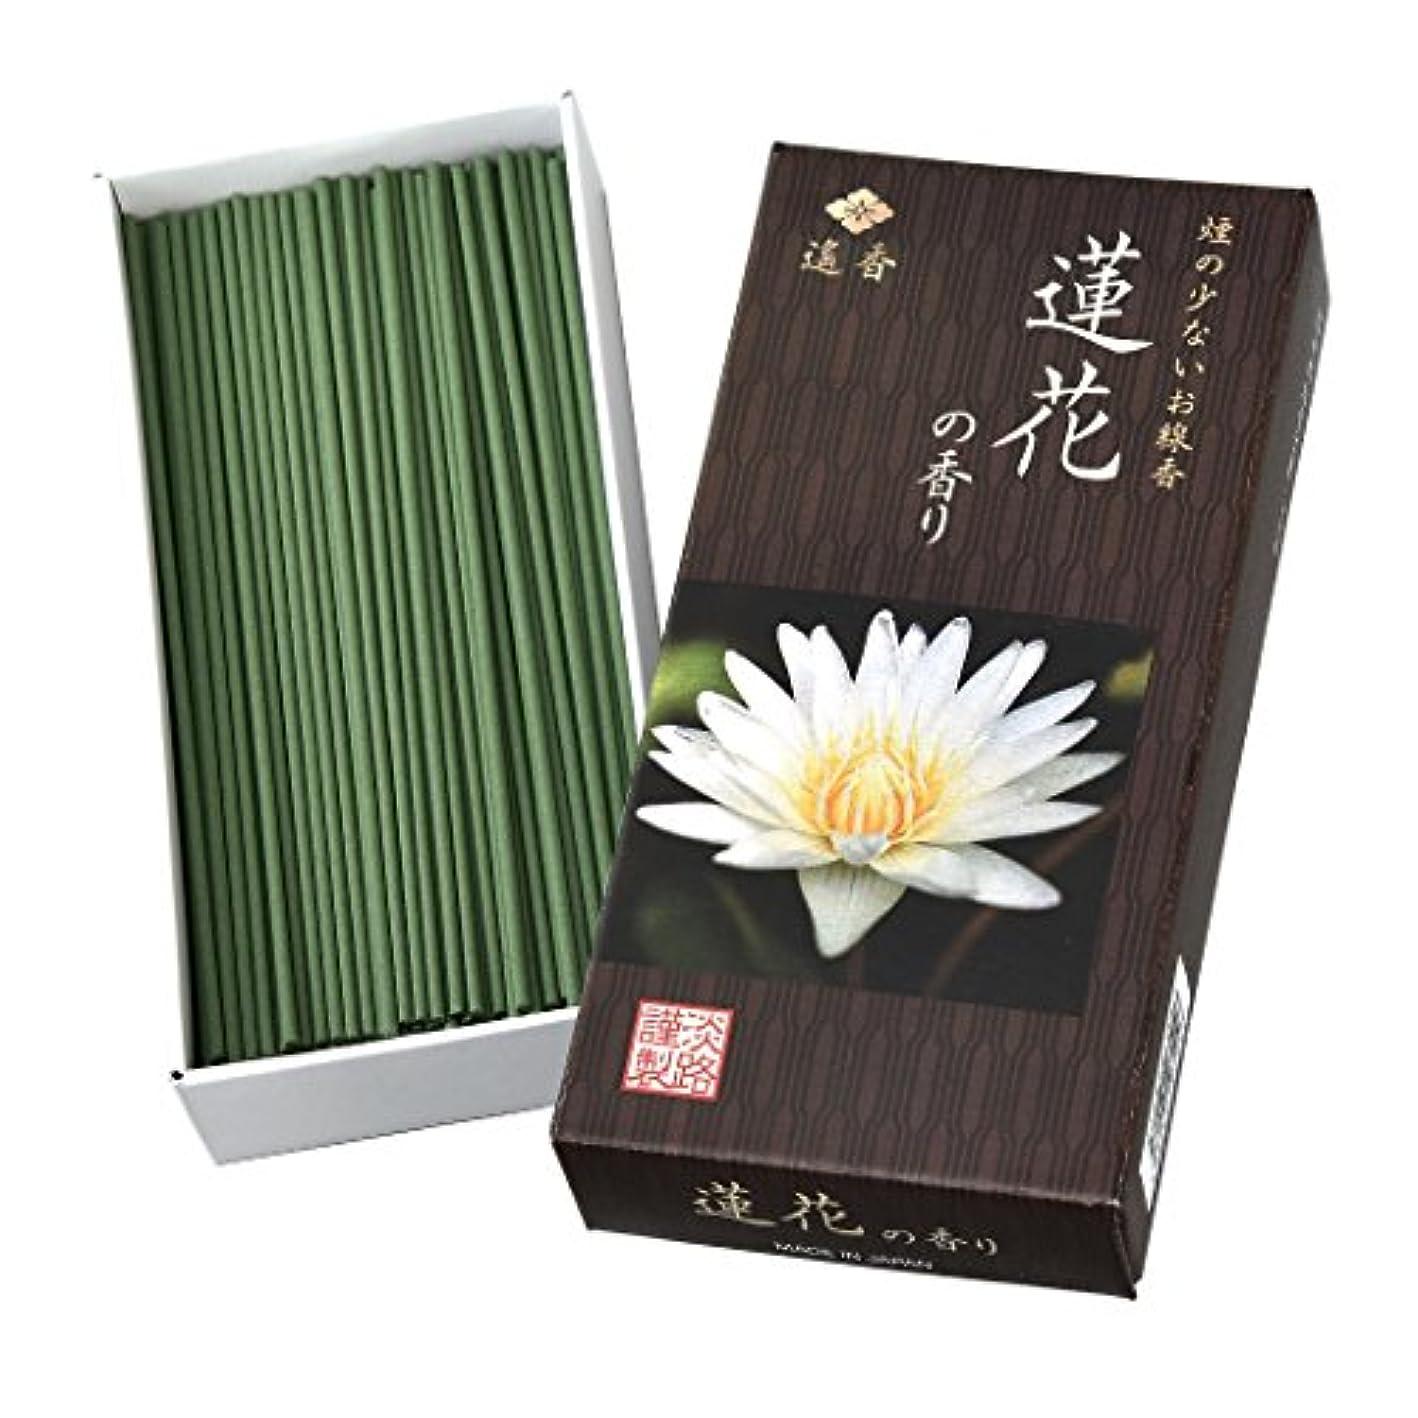 その間レインコート対象遙香 蓮花の香り 3個セット